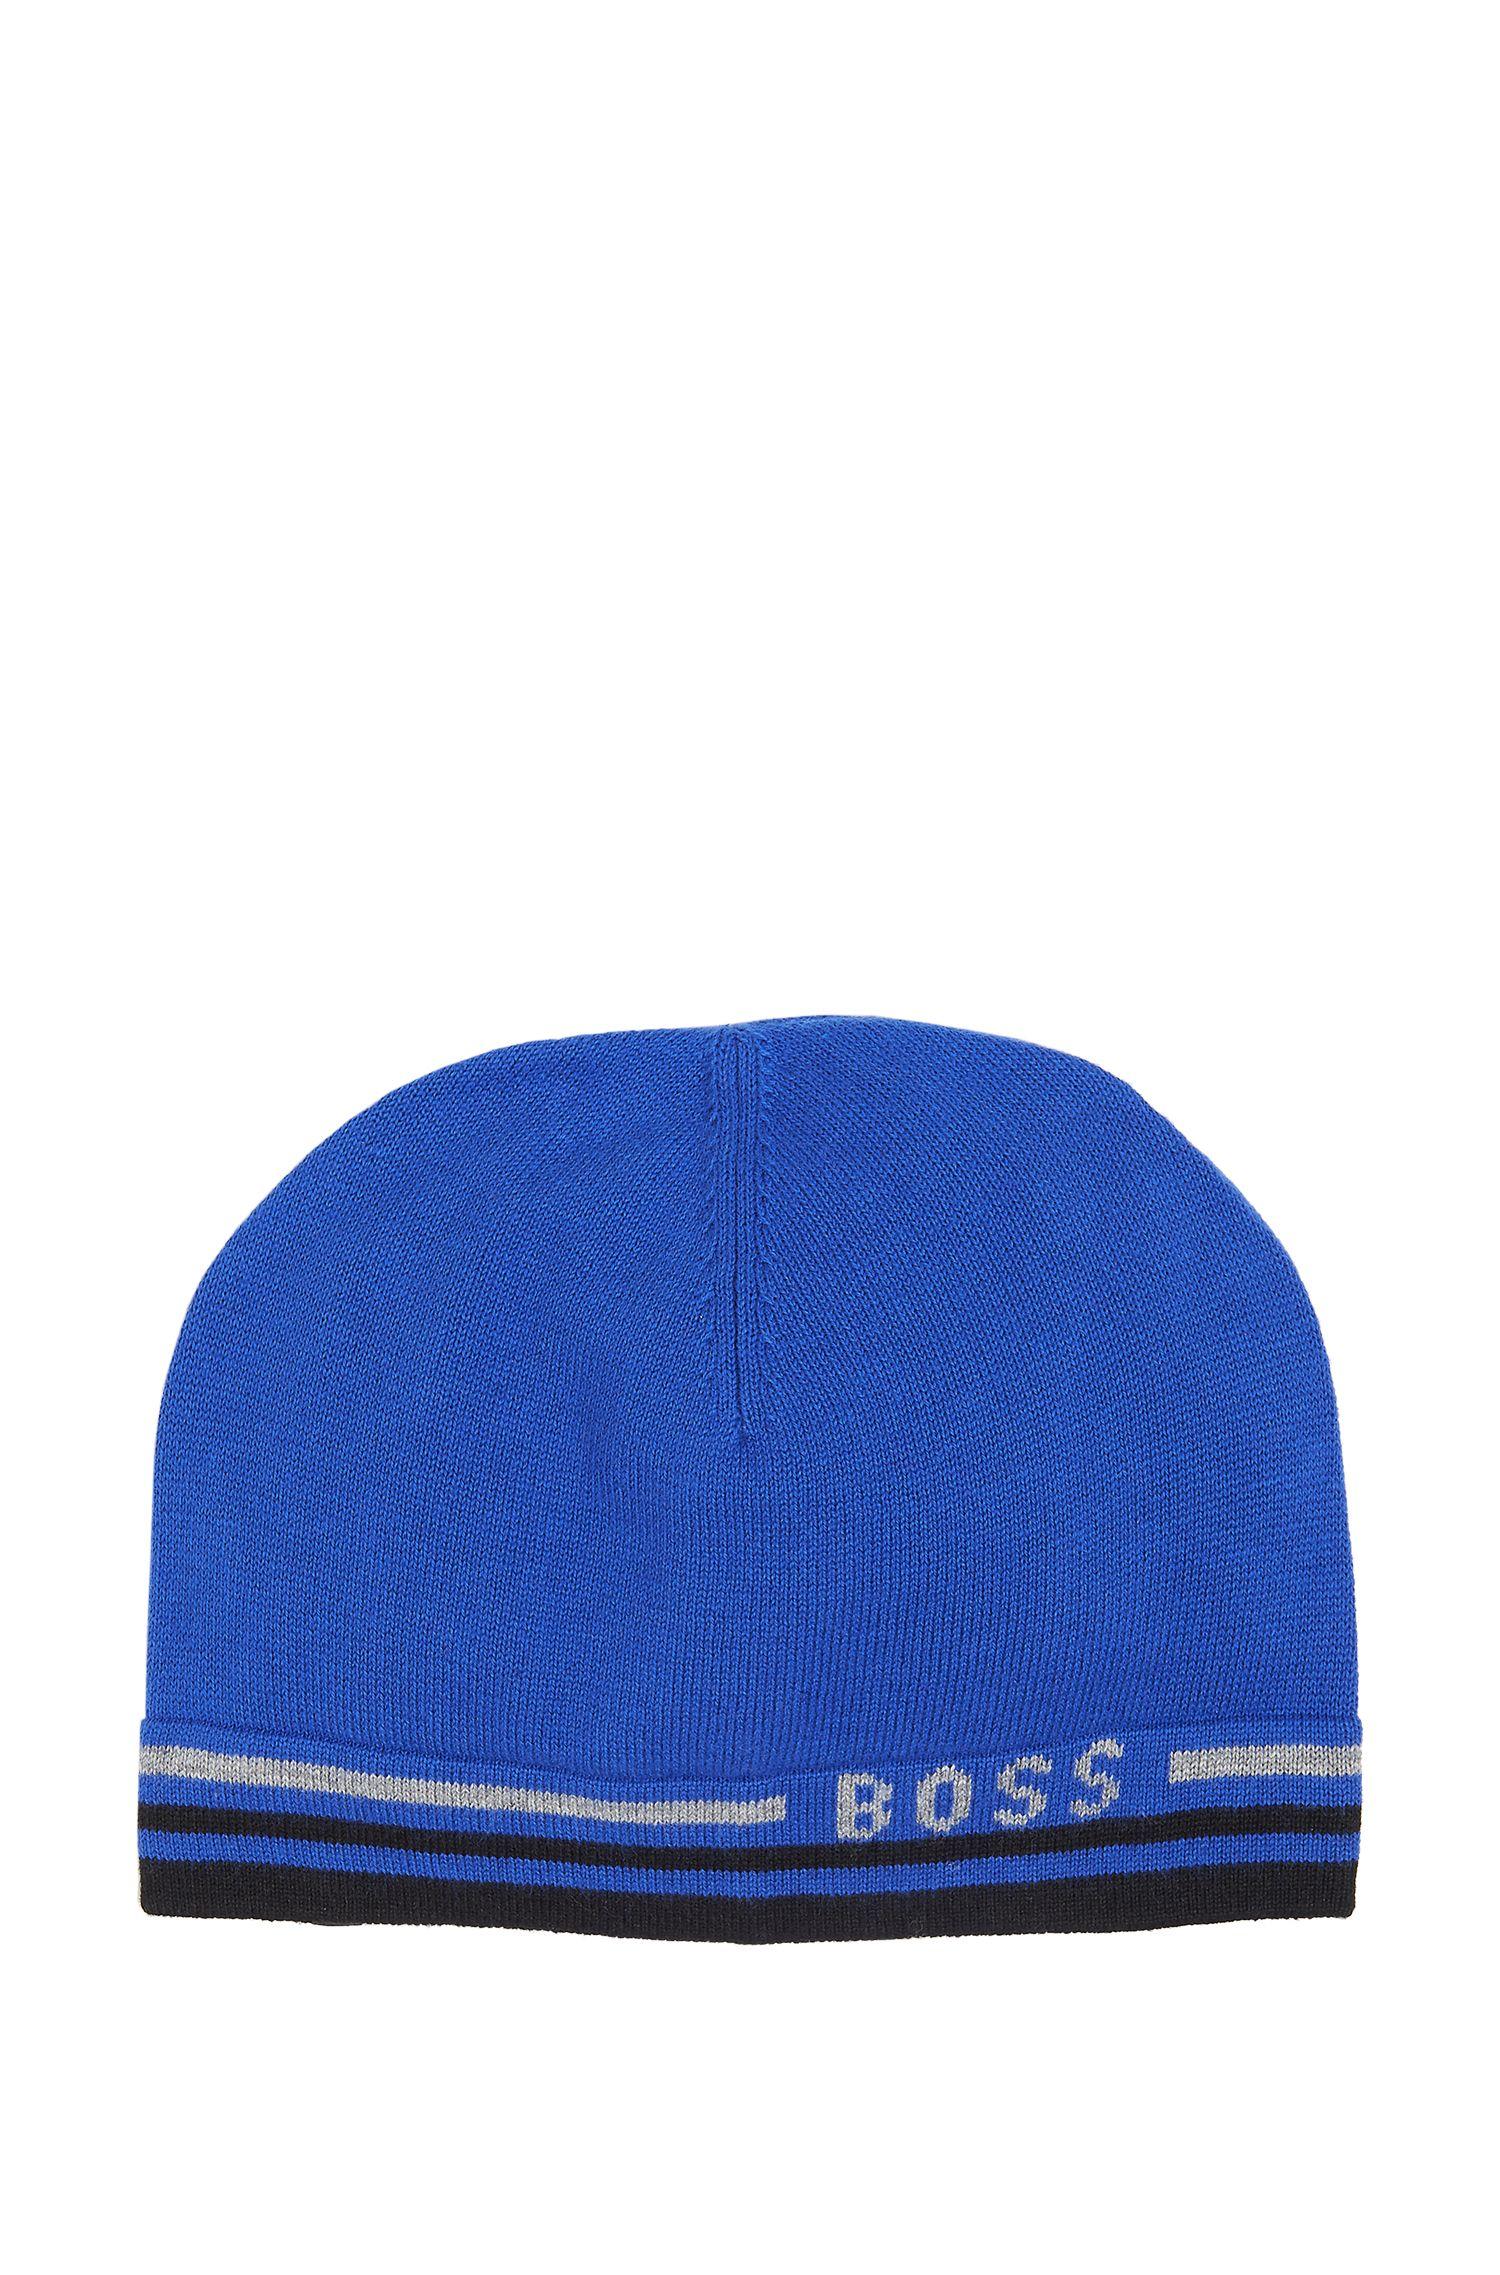 'J21108' | Knit Cotton-Wool Blend Hat